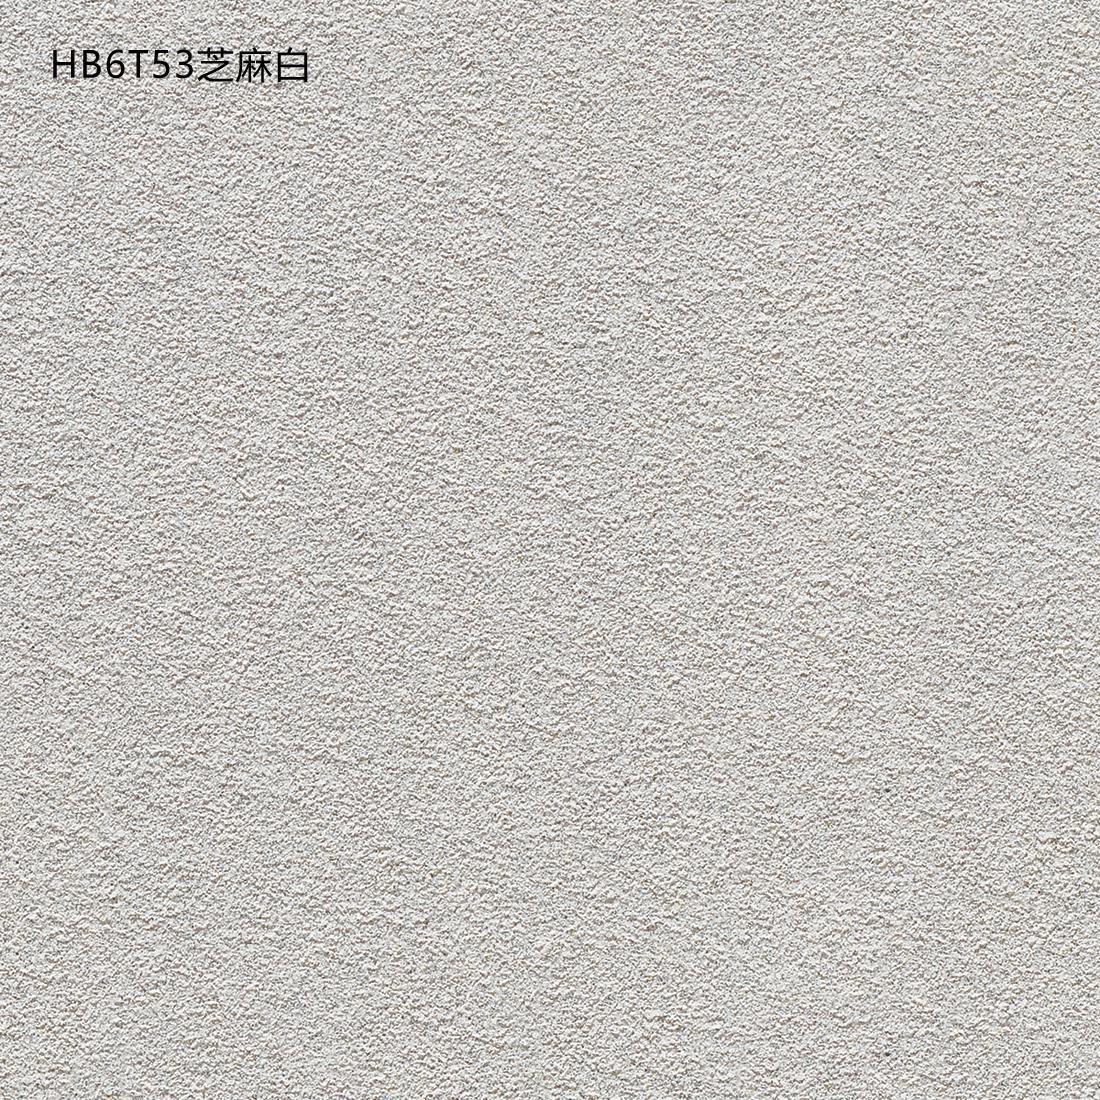 瓷磚幕墻對比傳統幕墻有什么優點?